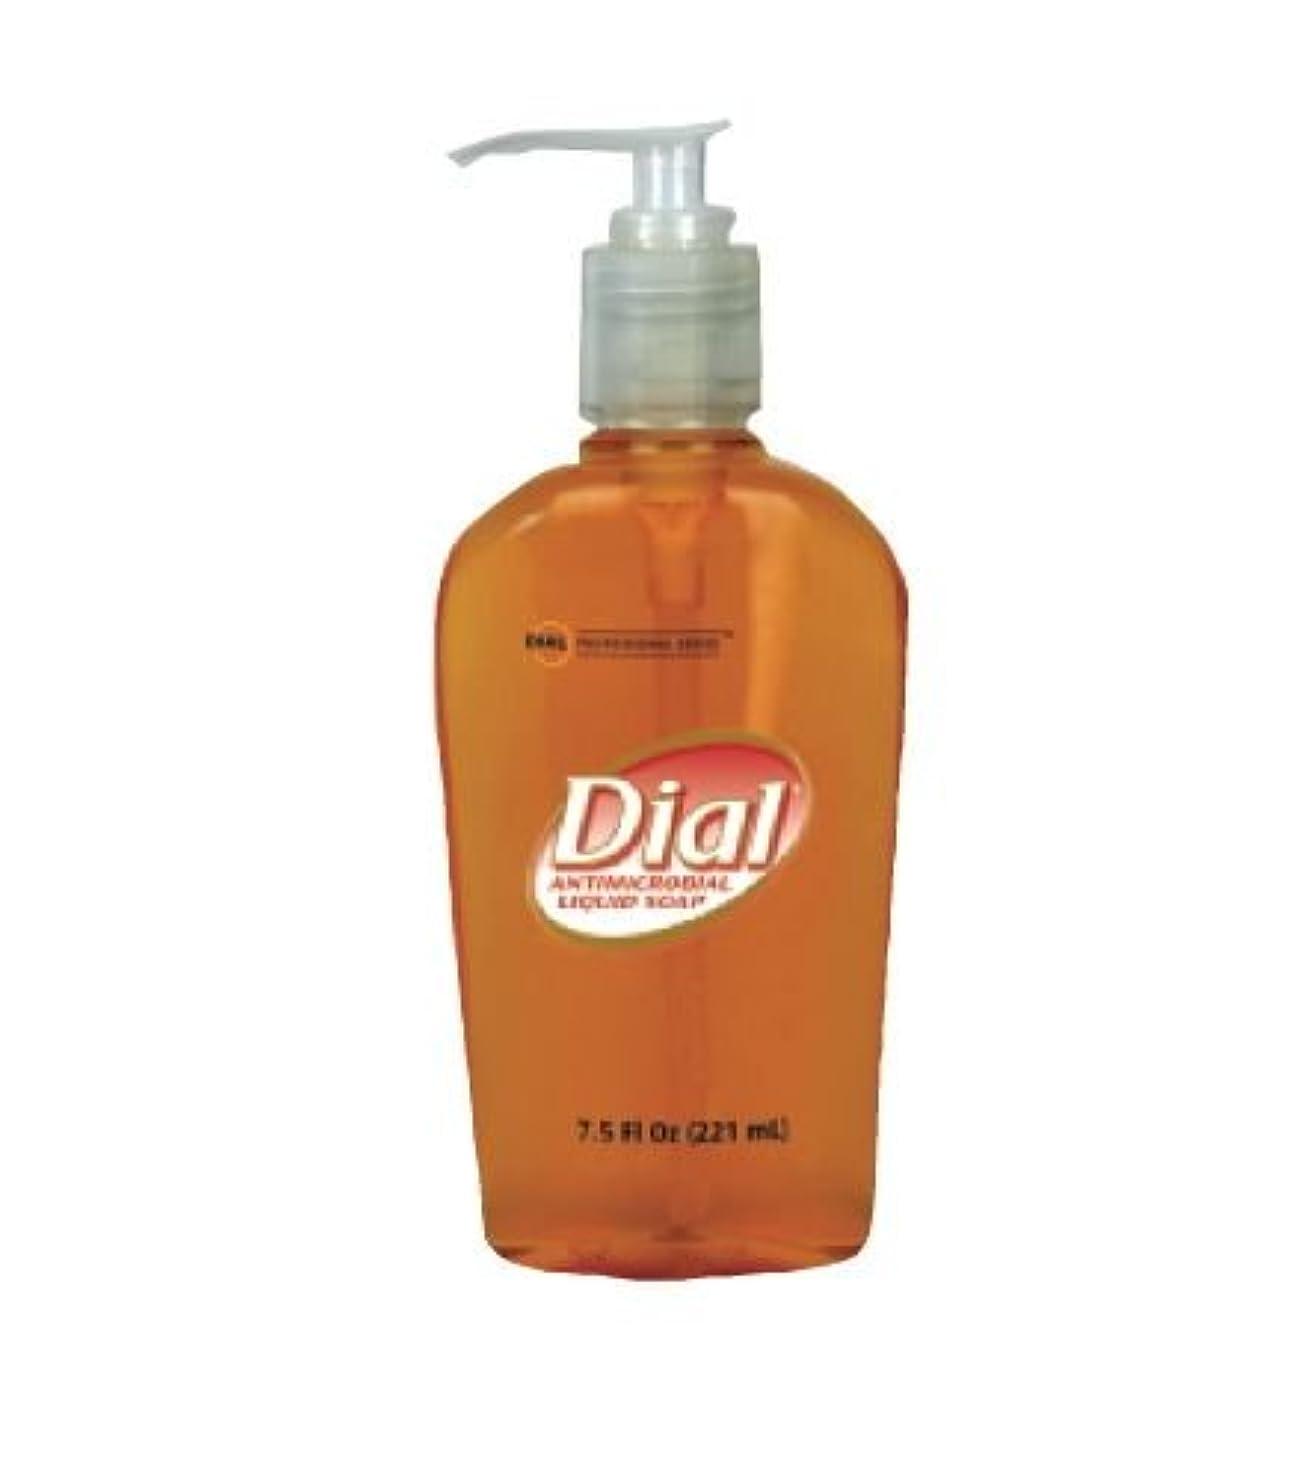 甥解説開拓者dialreg ; Professionalゴールド抗菌Liquid Hand Soap Dia 84014